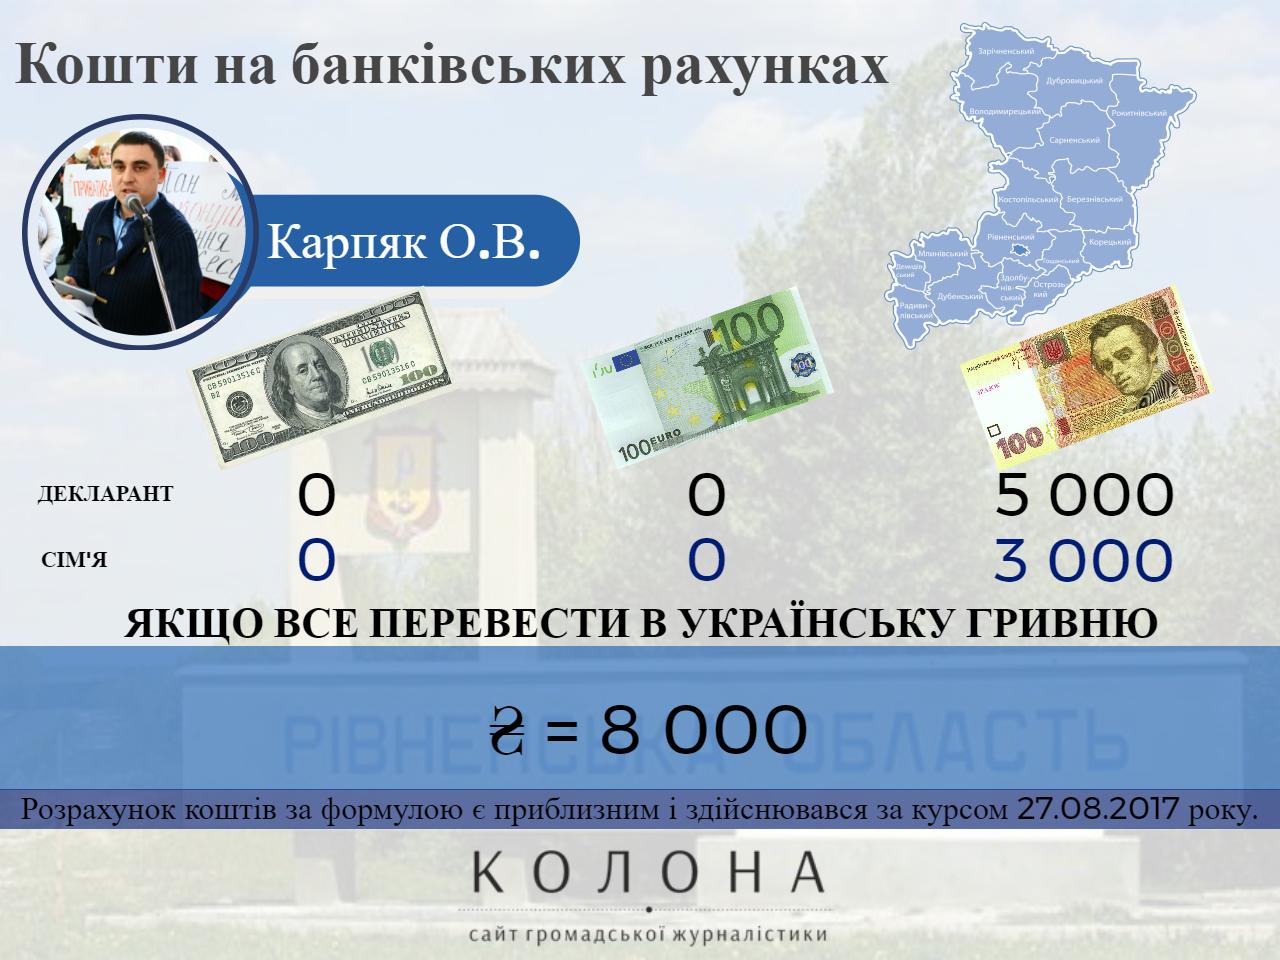 Карпяк Олег